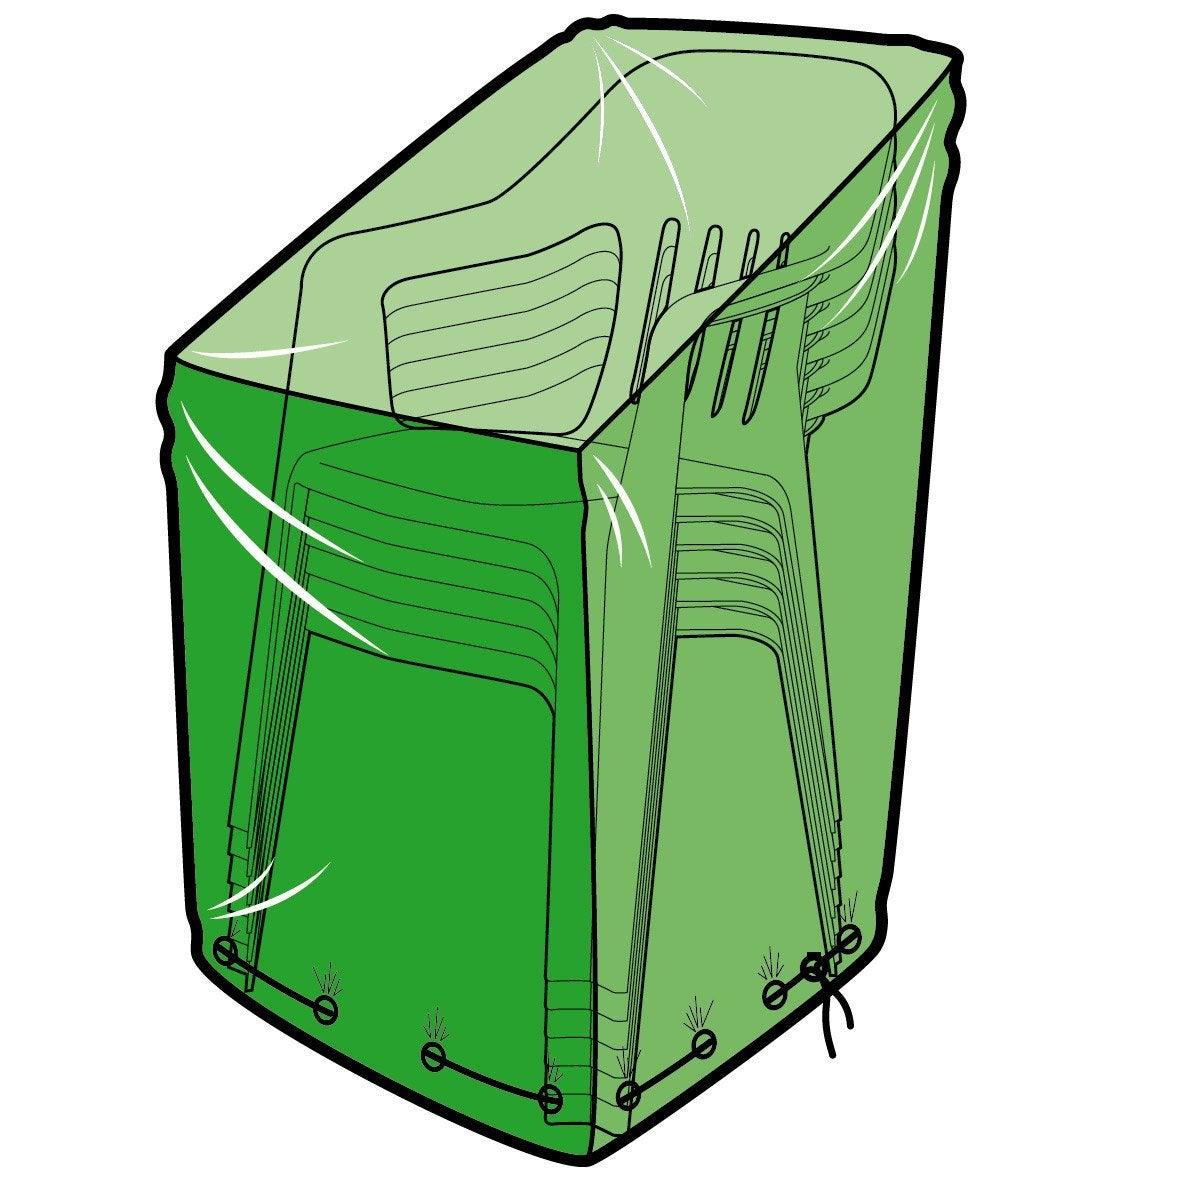 housse de protection pour chaises l 70 x l 70 x h 120 cm leroy merlin